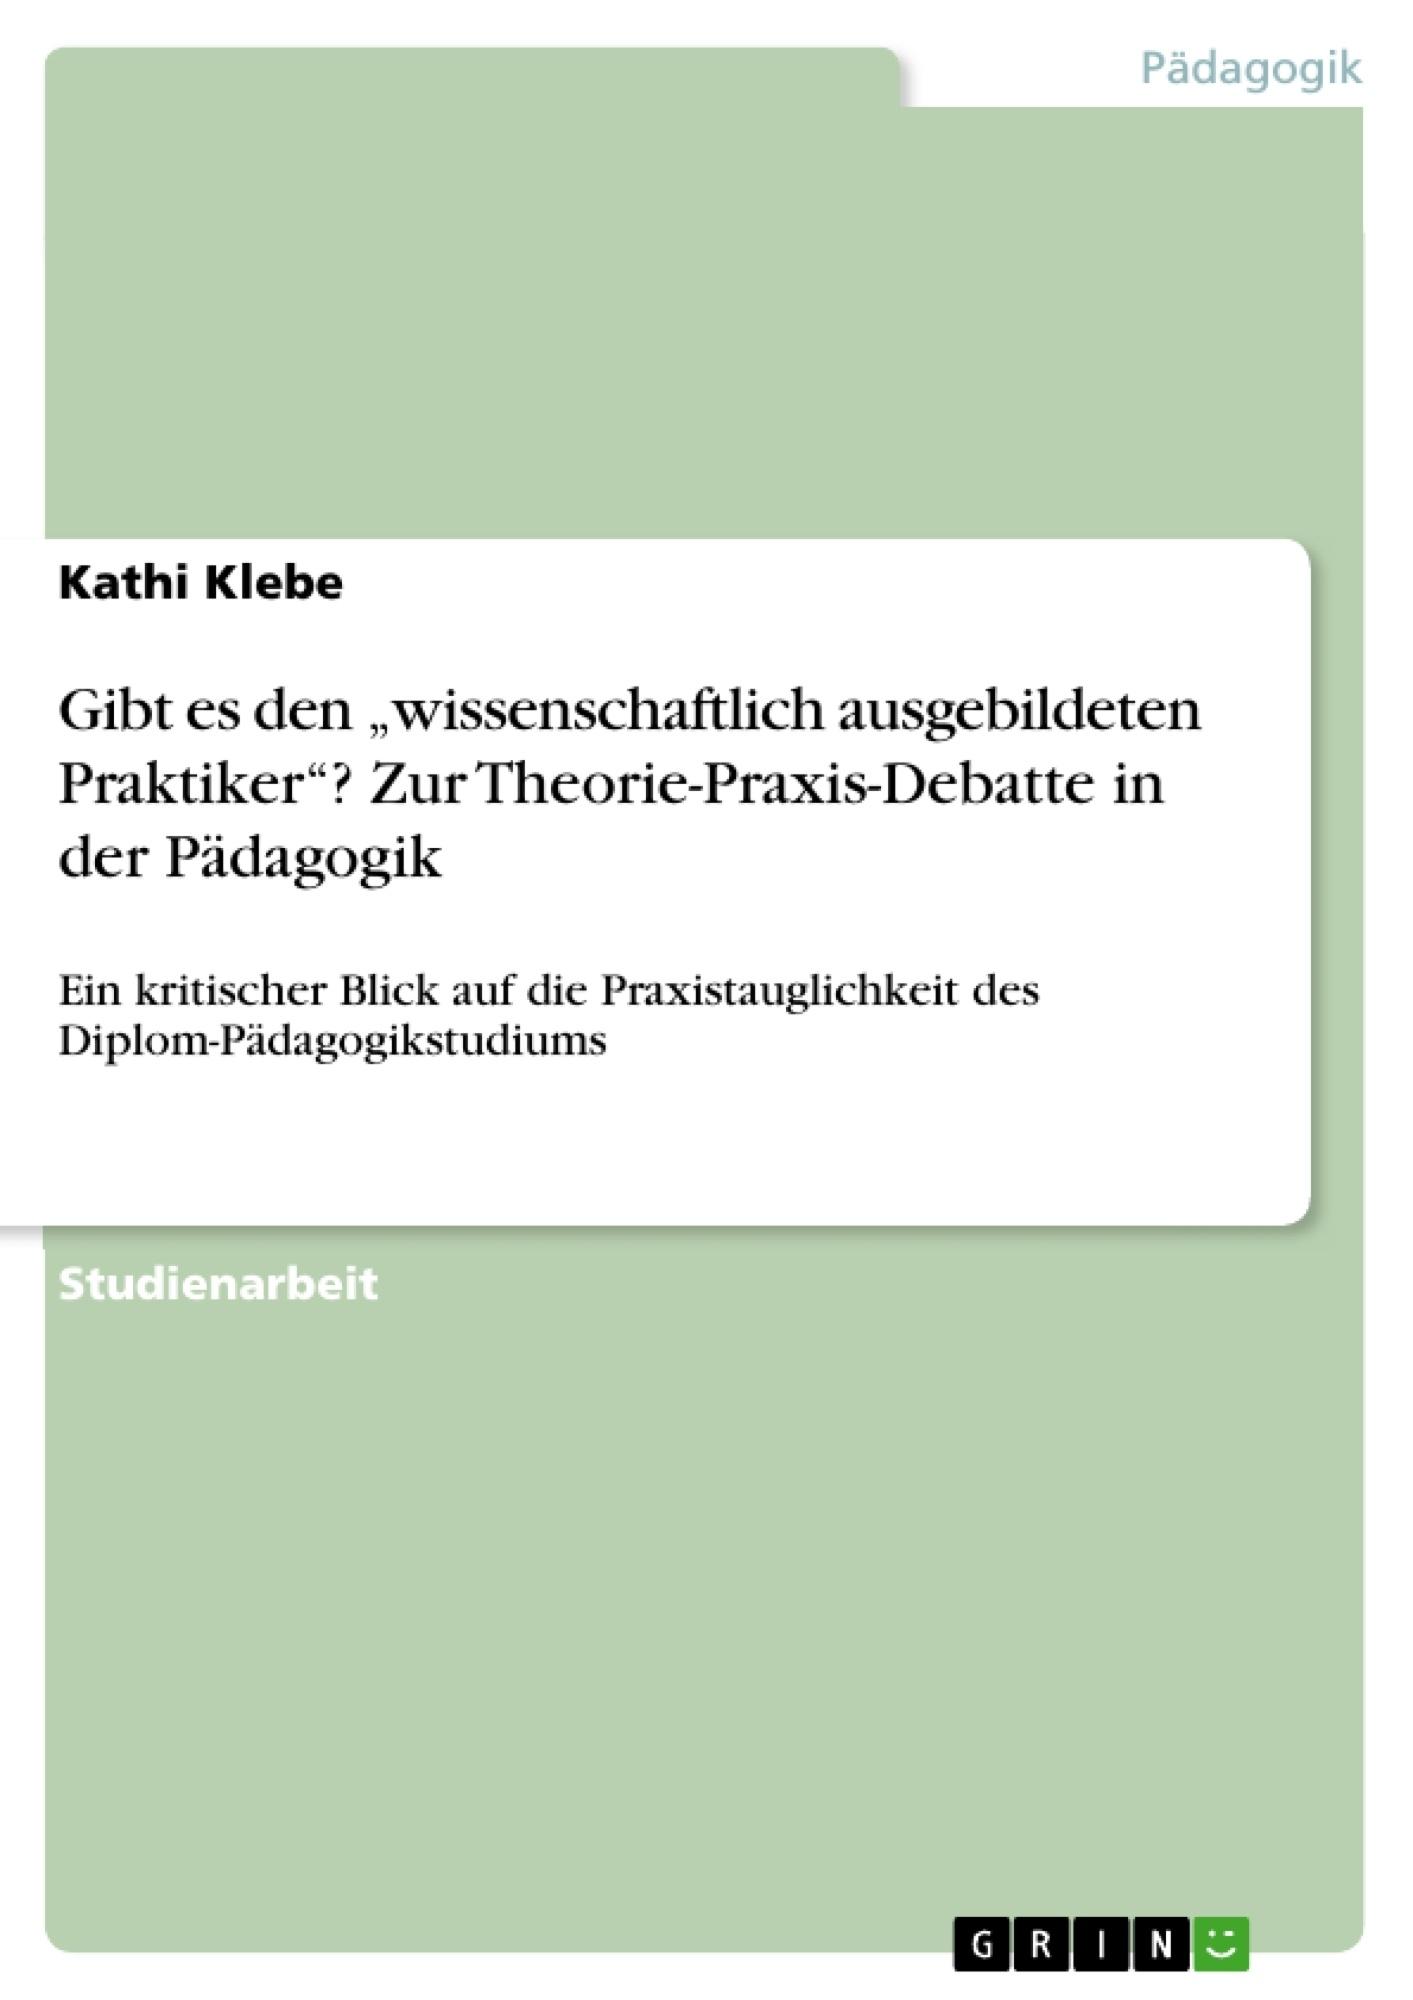 """Titel: Gibt es den """"wissenschaftlich ausgebildeten Praktiker""""? Zur Theorie-Praxis-Debatte in der Pädagogik"""